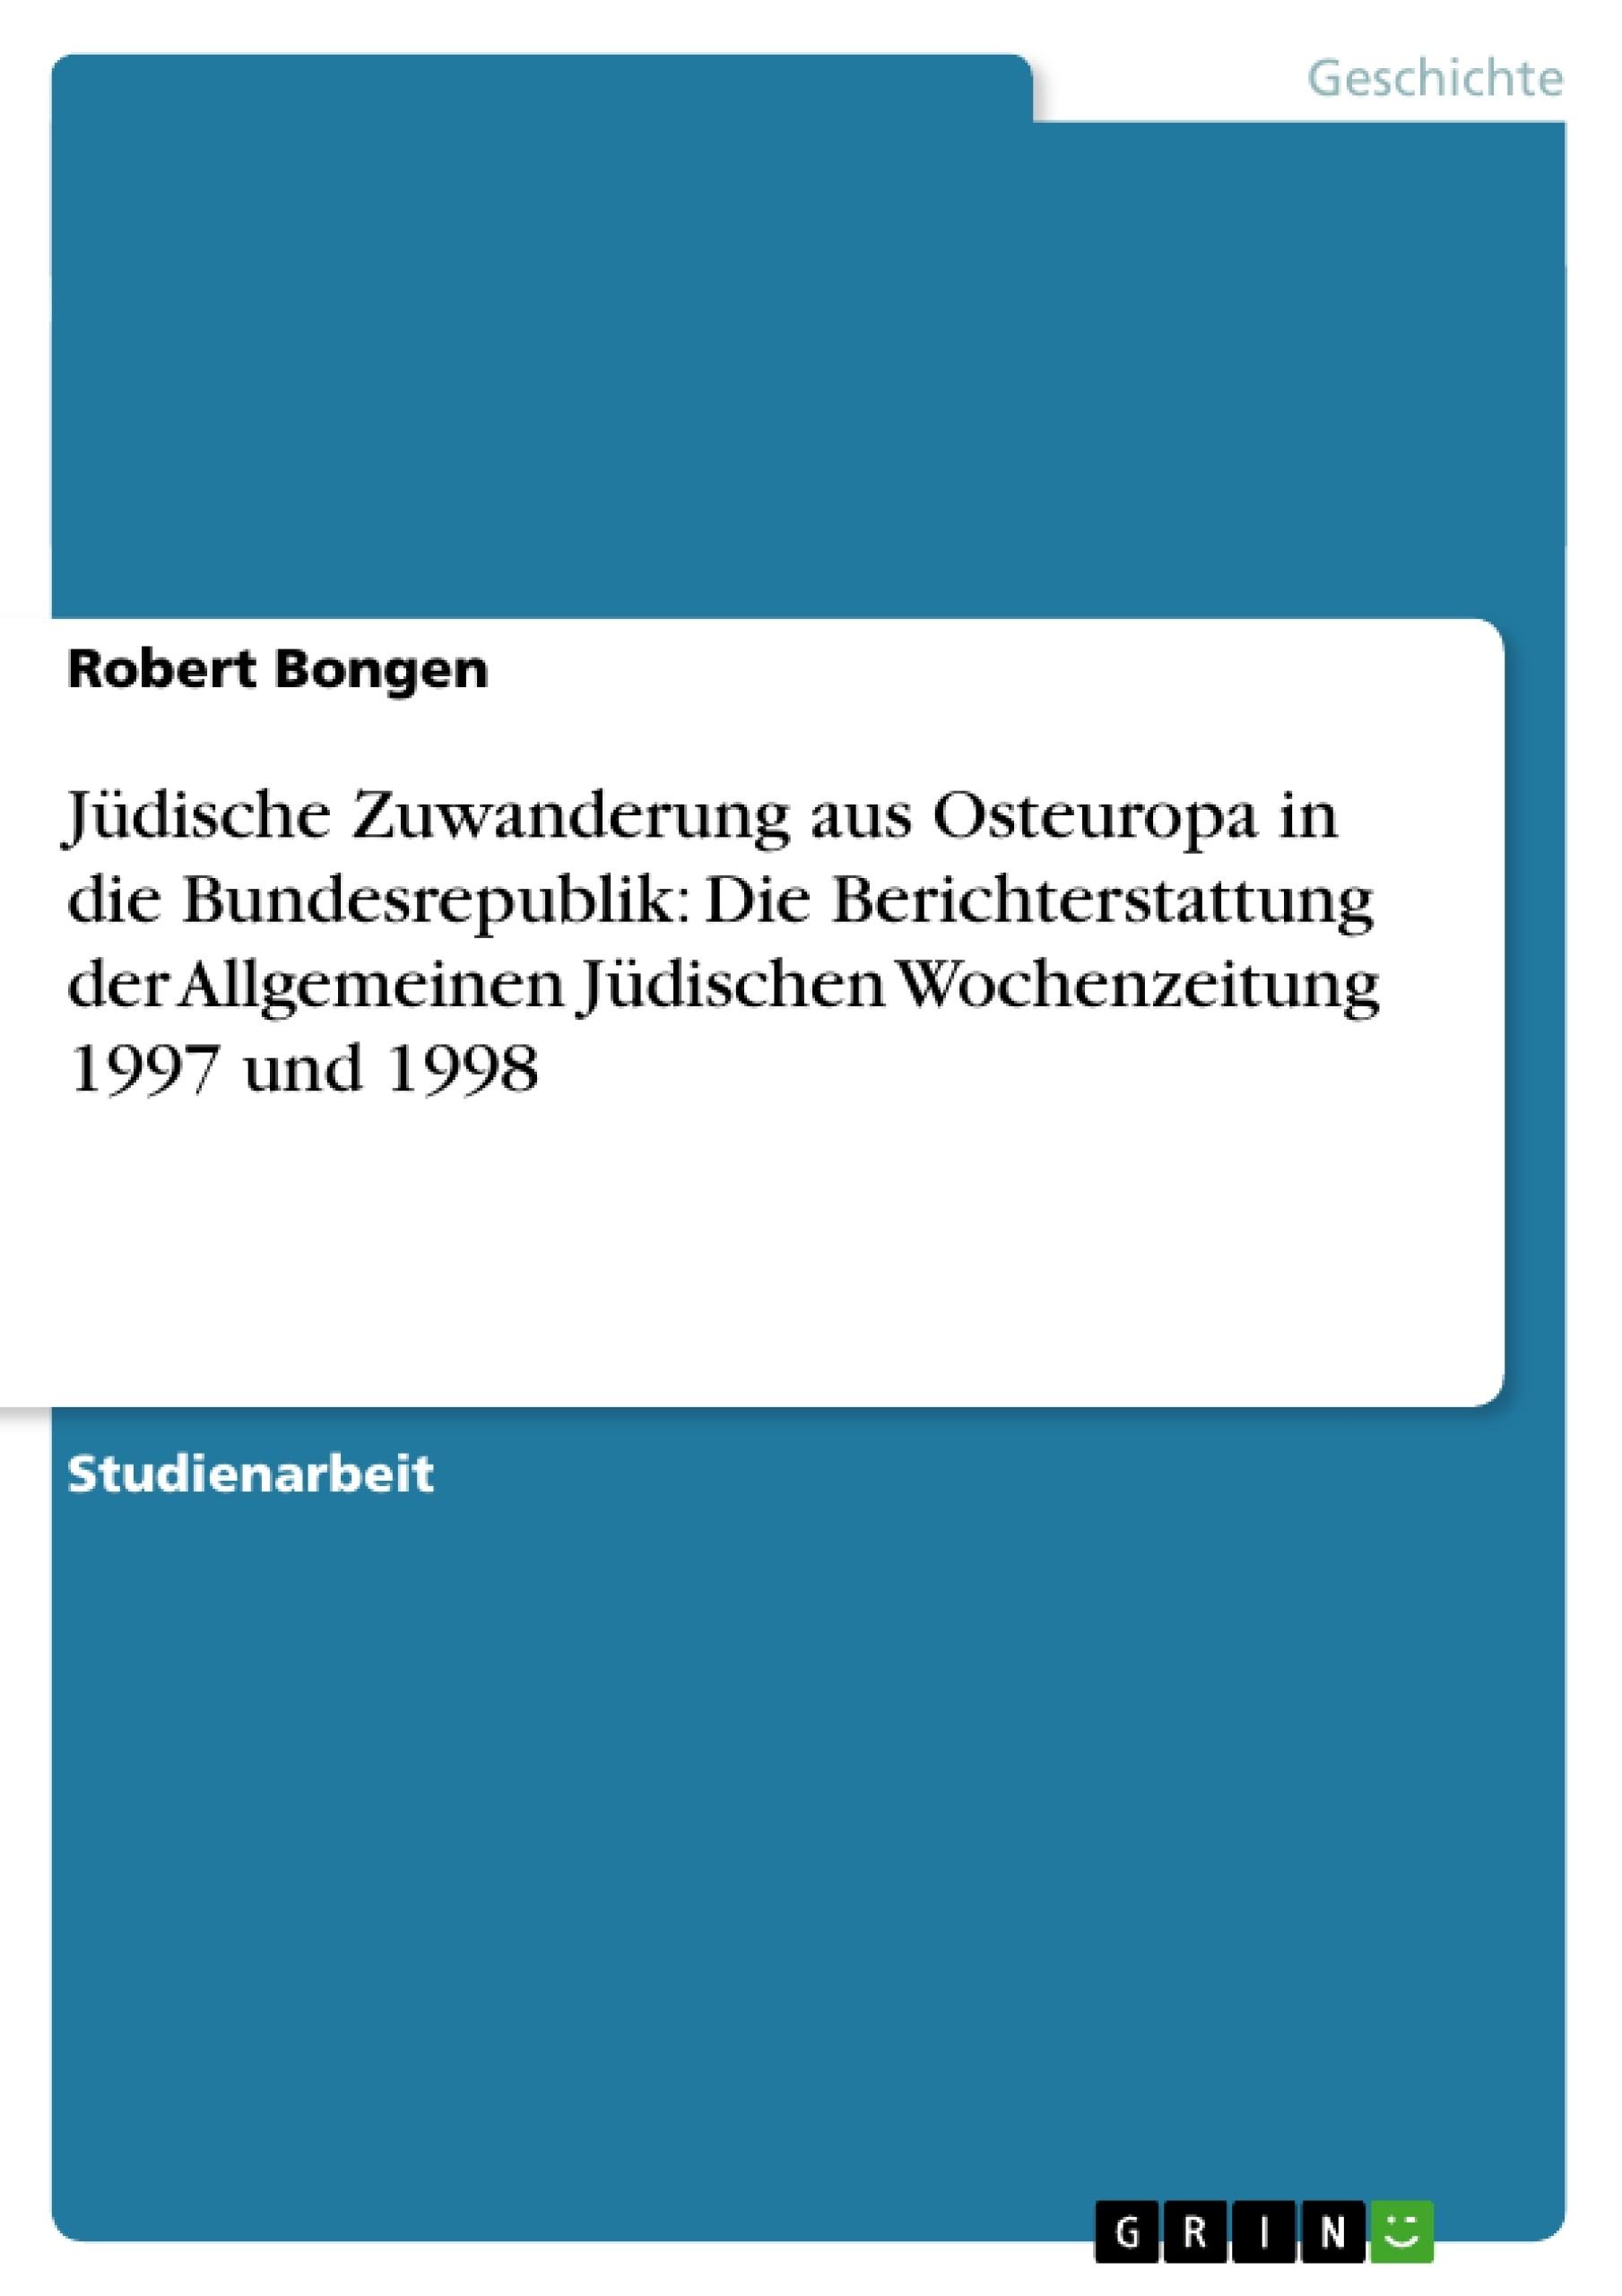 Titel: Jüdische Zuwanderung aus Osteuropa in die Bundesrepublik: Die Berichterstattung der Allgemeinen Jüdischen Wochenzeitung 1997 und 1998